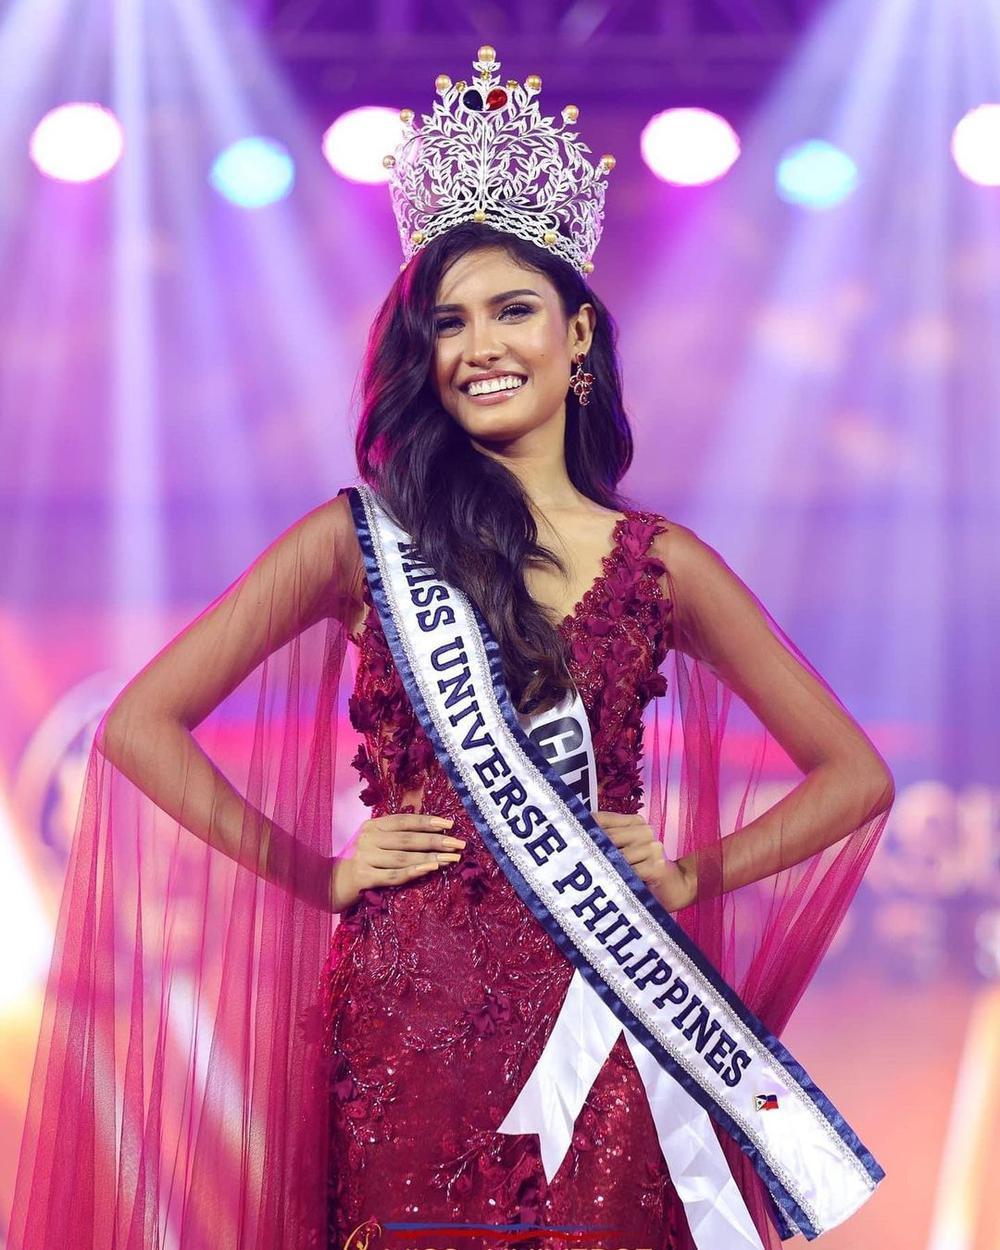 'Vượt mặt' hoa hậu Venezuela, Khánh Vân lọt Top 4 mỹ nhân được quan tâm nhất Miss Universe Ảnh 7